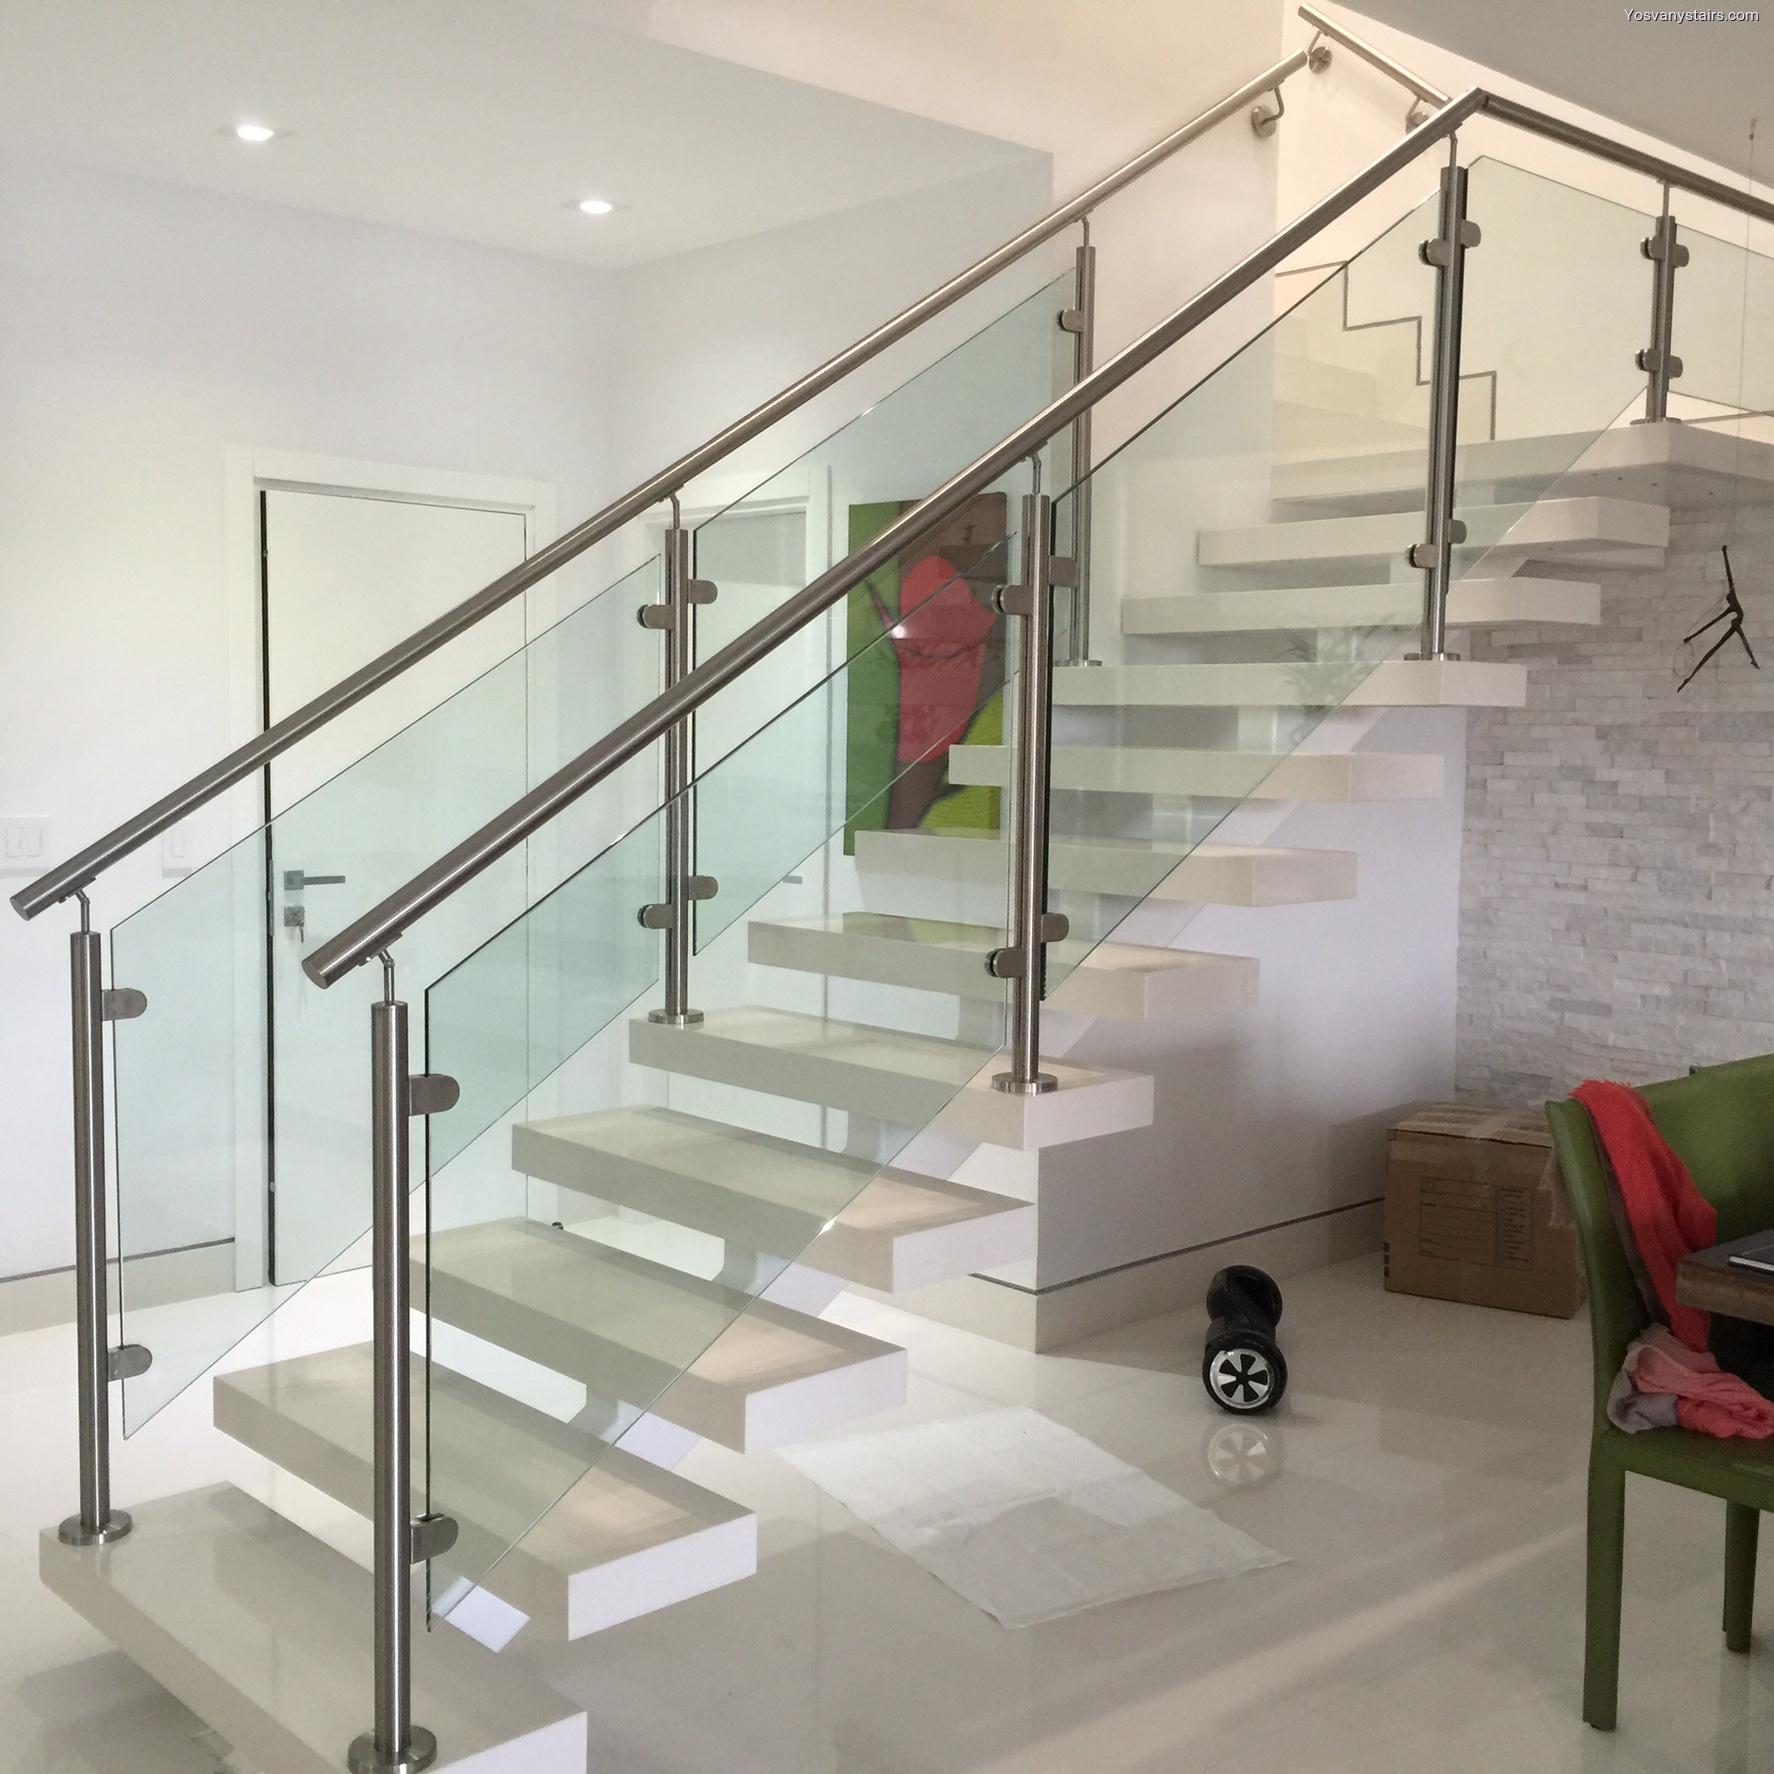 Instalar y remodelar escaleras de barandas de cristal en miami - Baranda de cristal ...